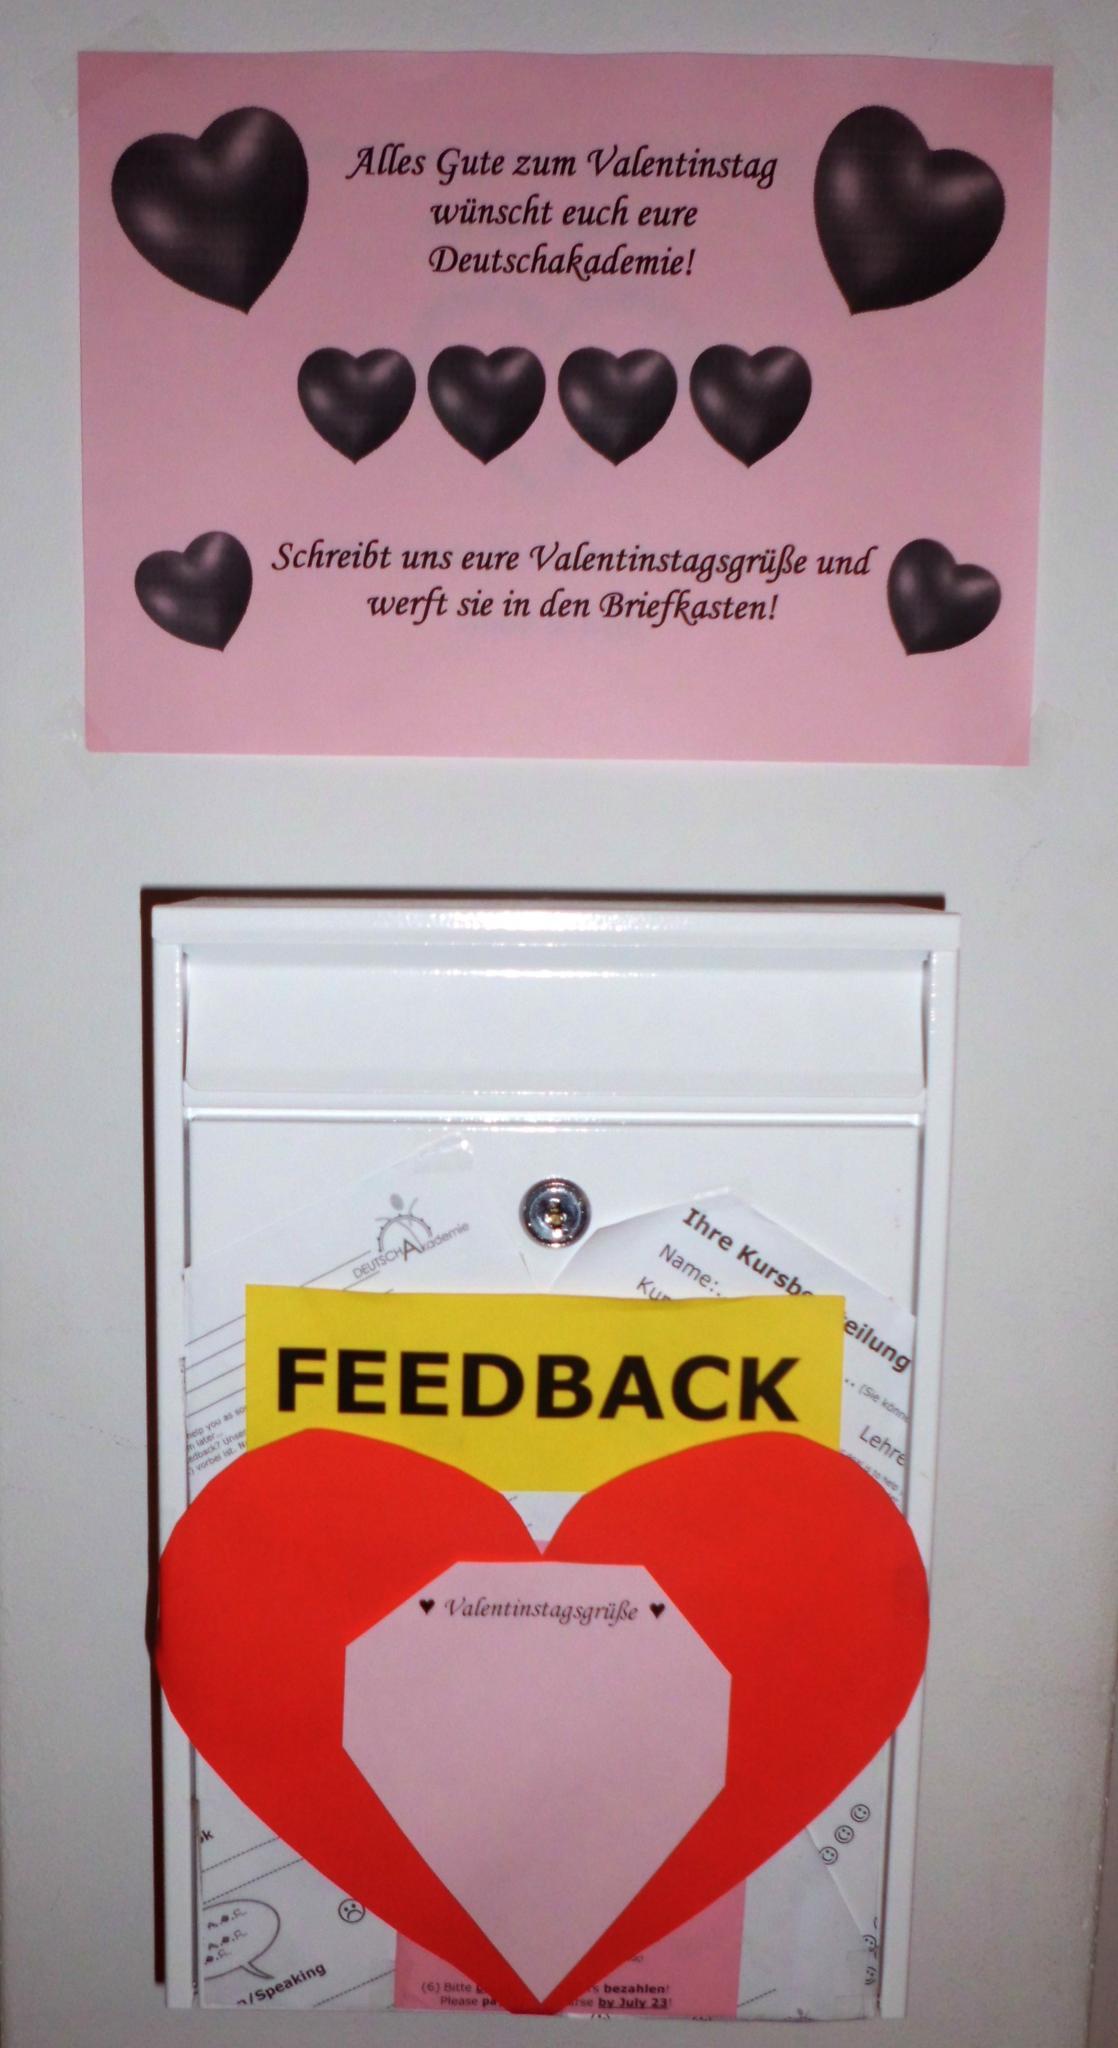 DeutschAkademie Wünscht Allen Einen Frohen Valentinstag! DeutschAkademie  Wishes You All A Happy Valentineu0027s Day!